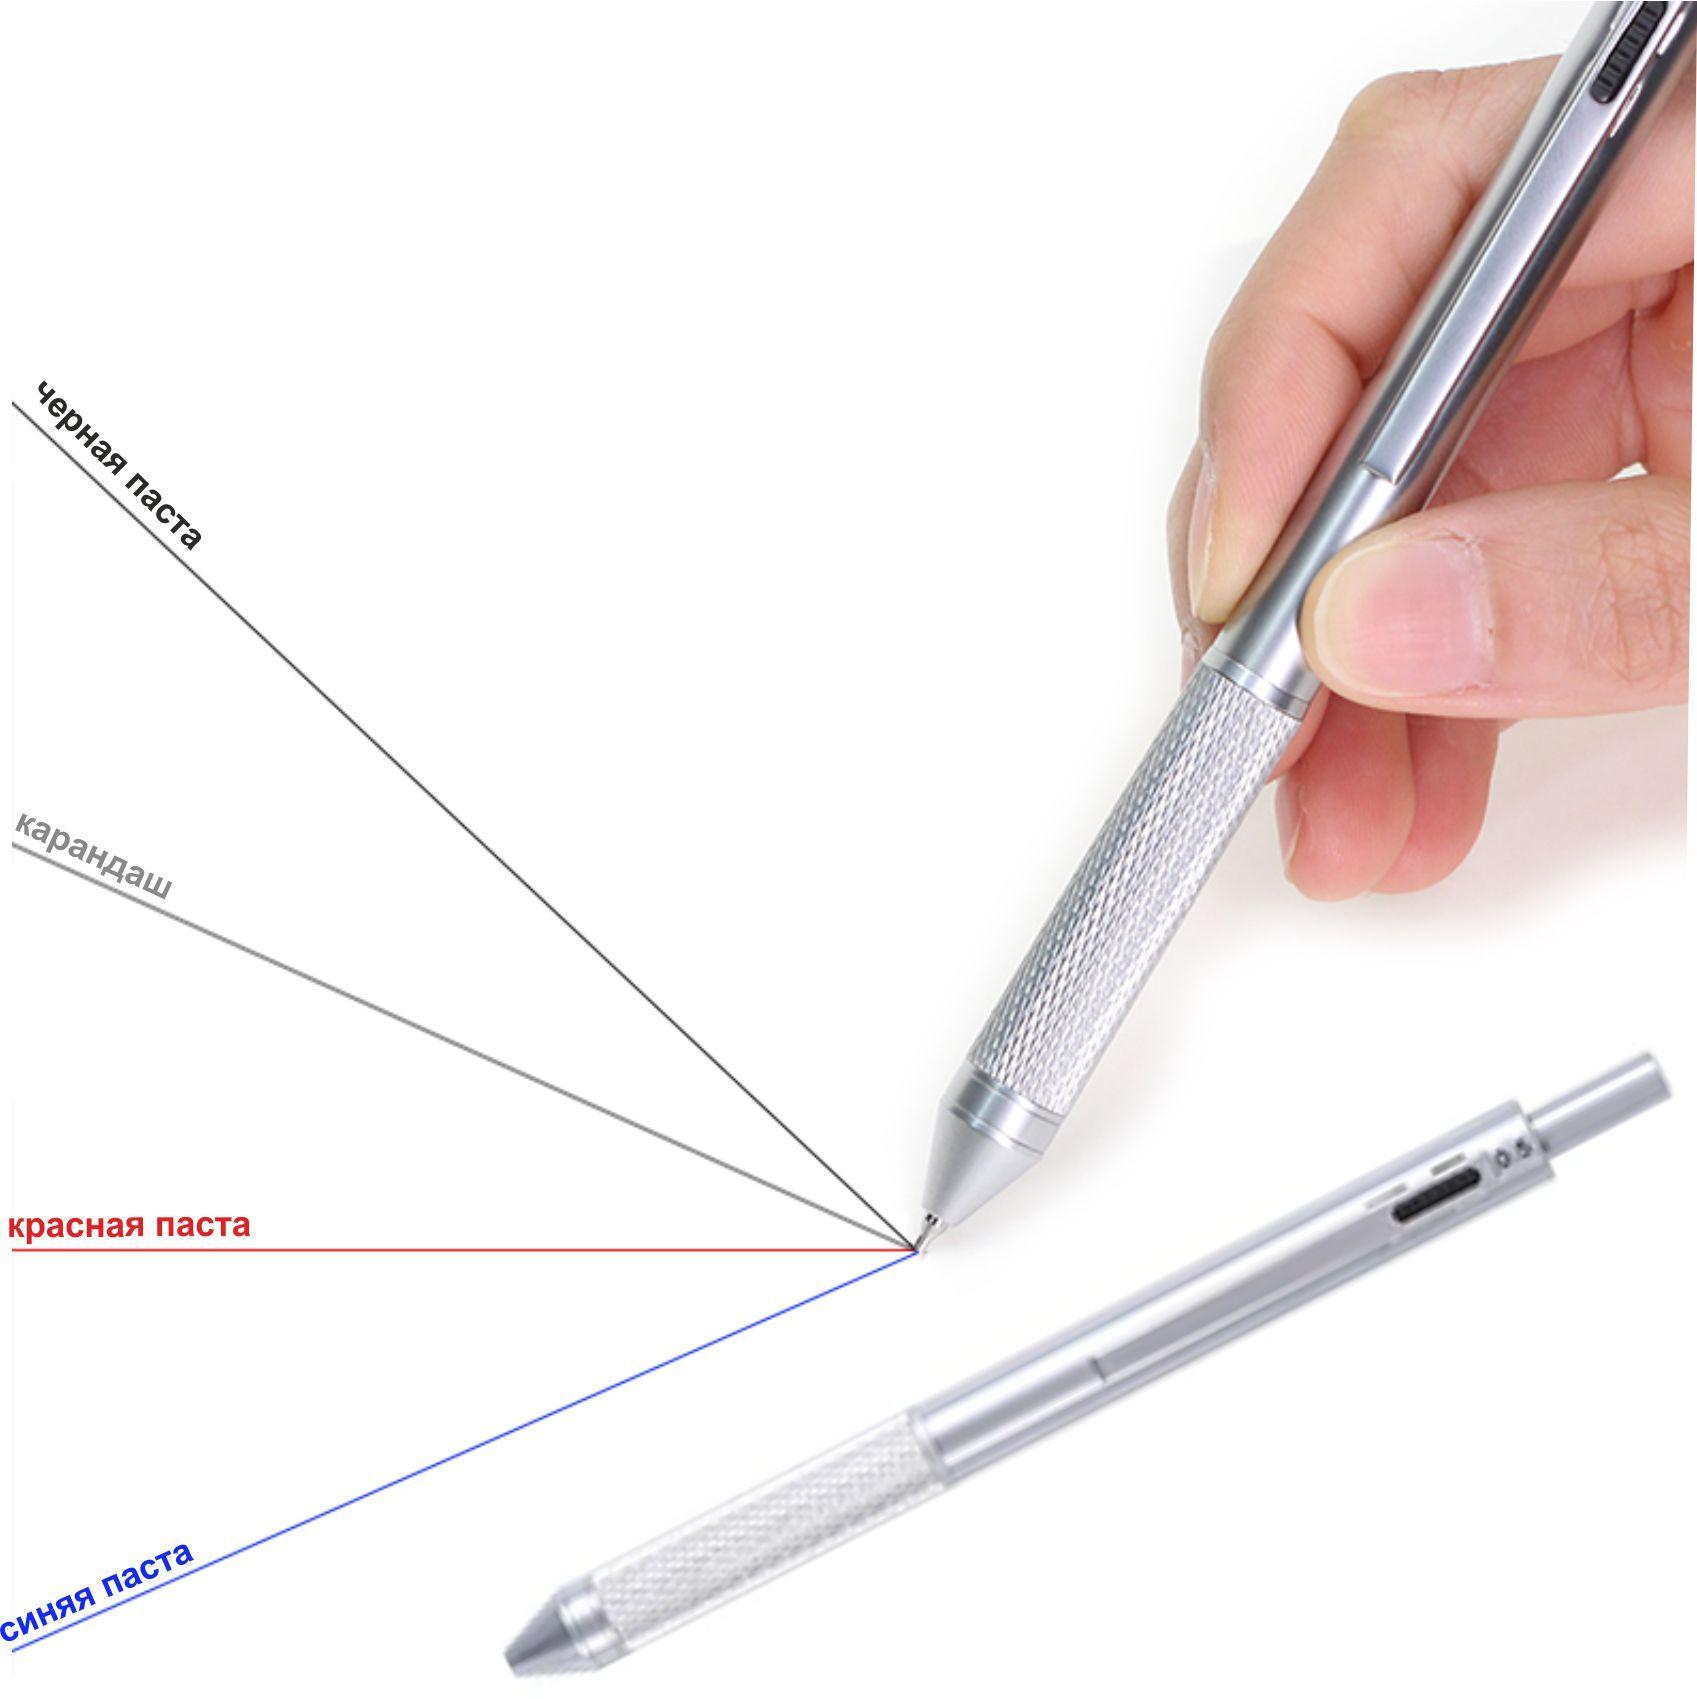 многофункциональные ручки оптом